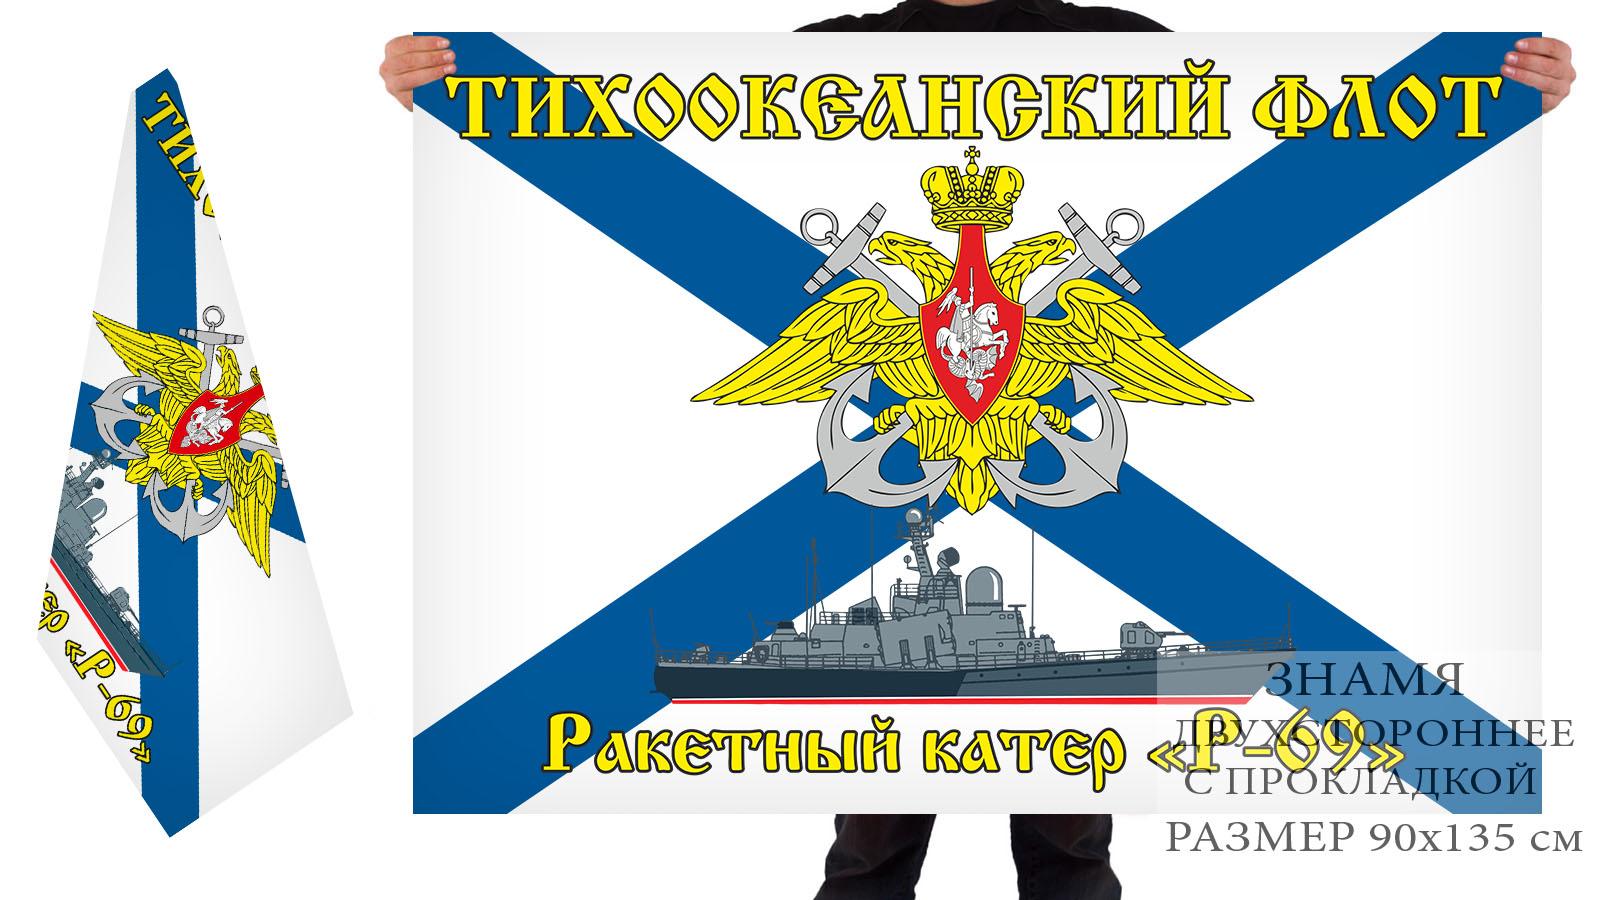 """Двусторонний флаг РКА """"Р-69"""""""